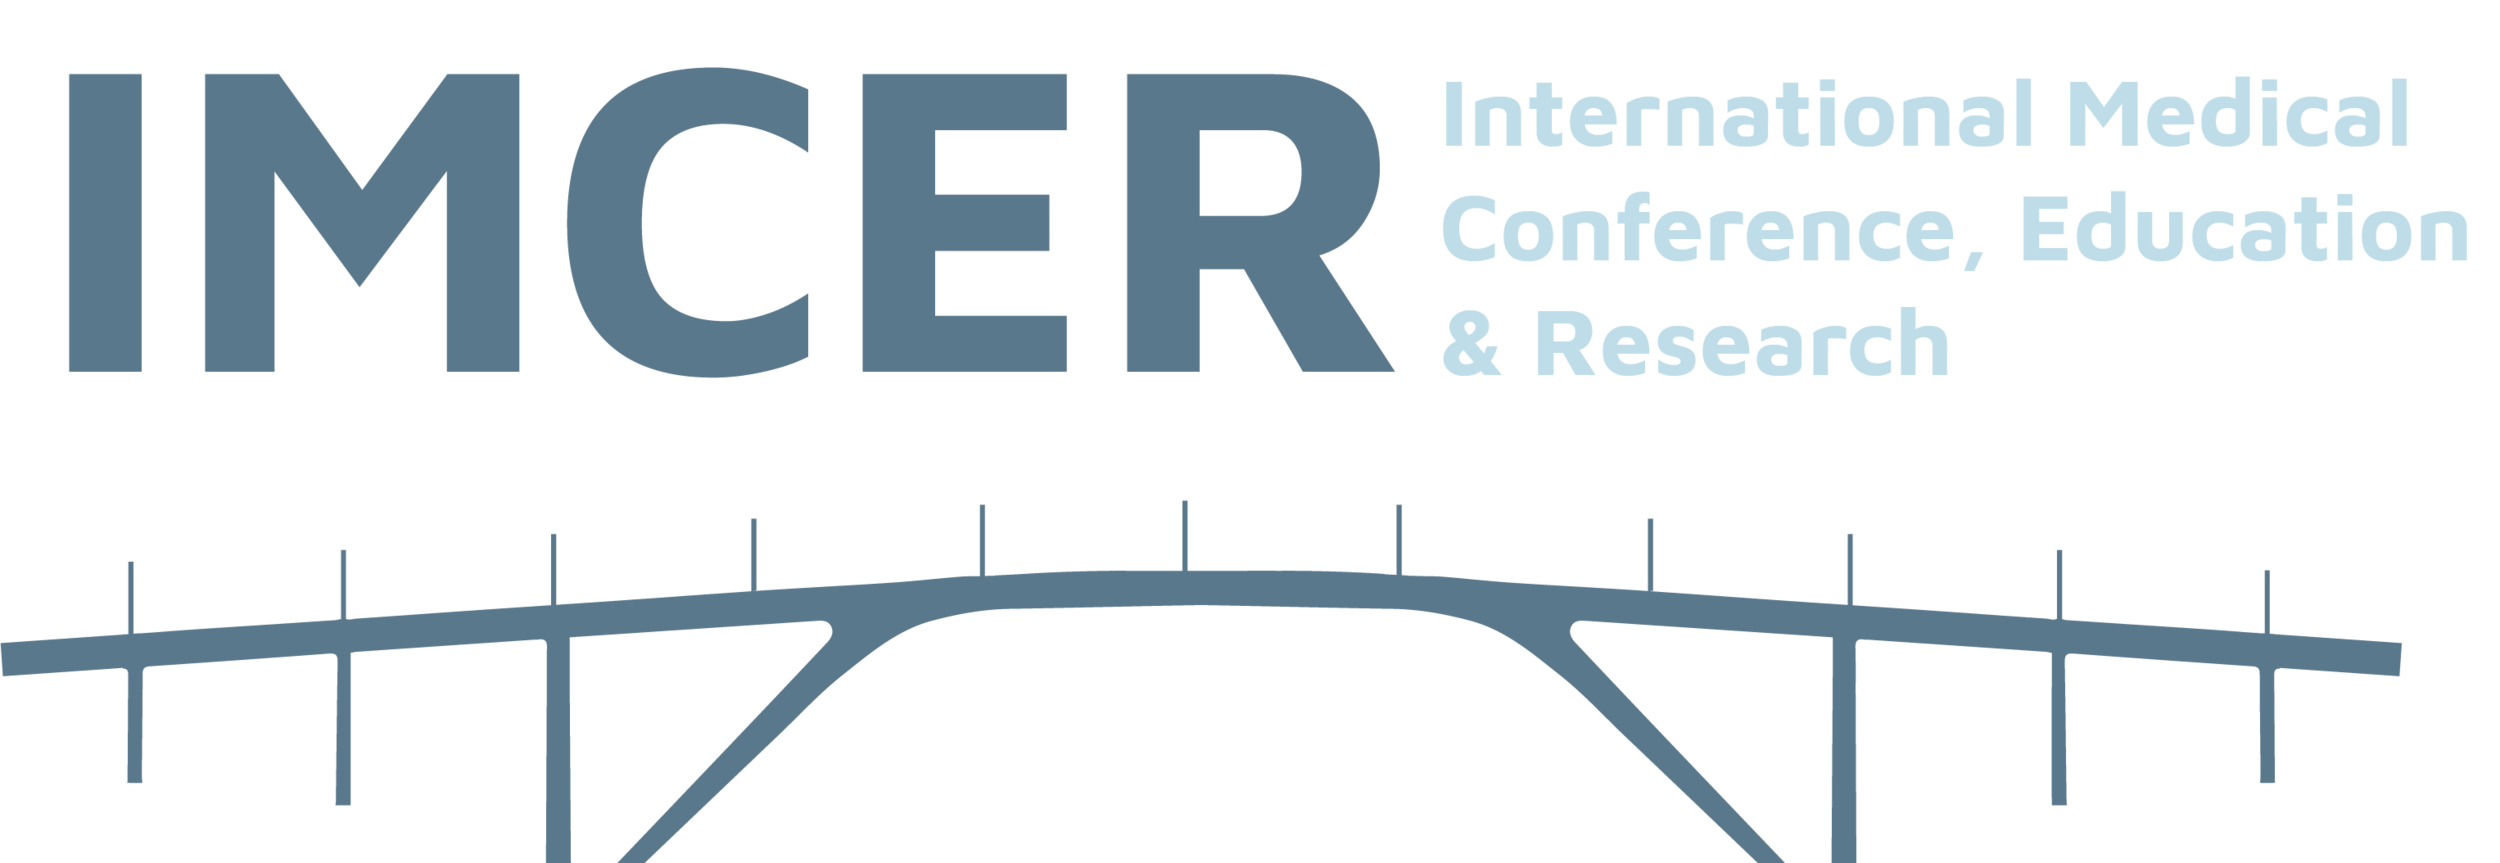 IMCER_logo.png